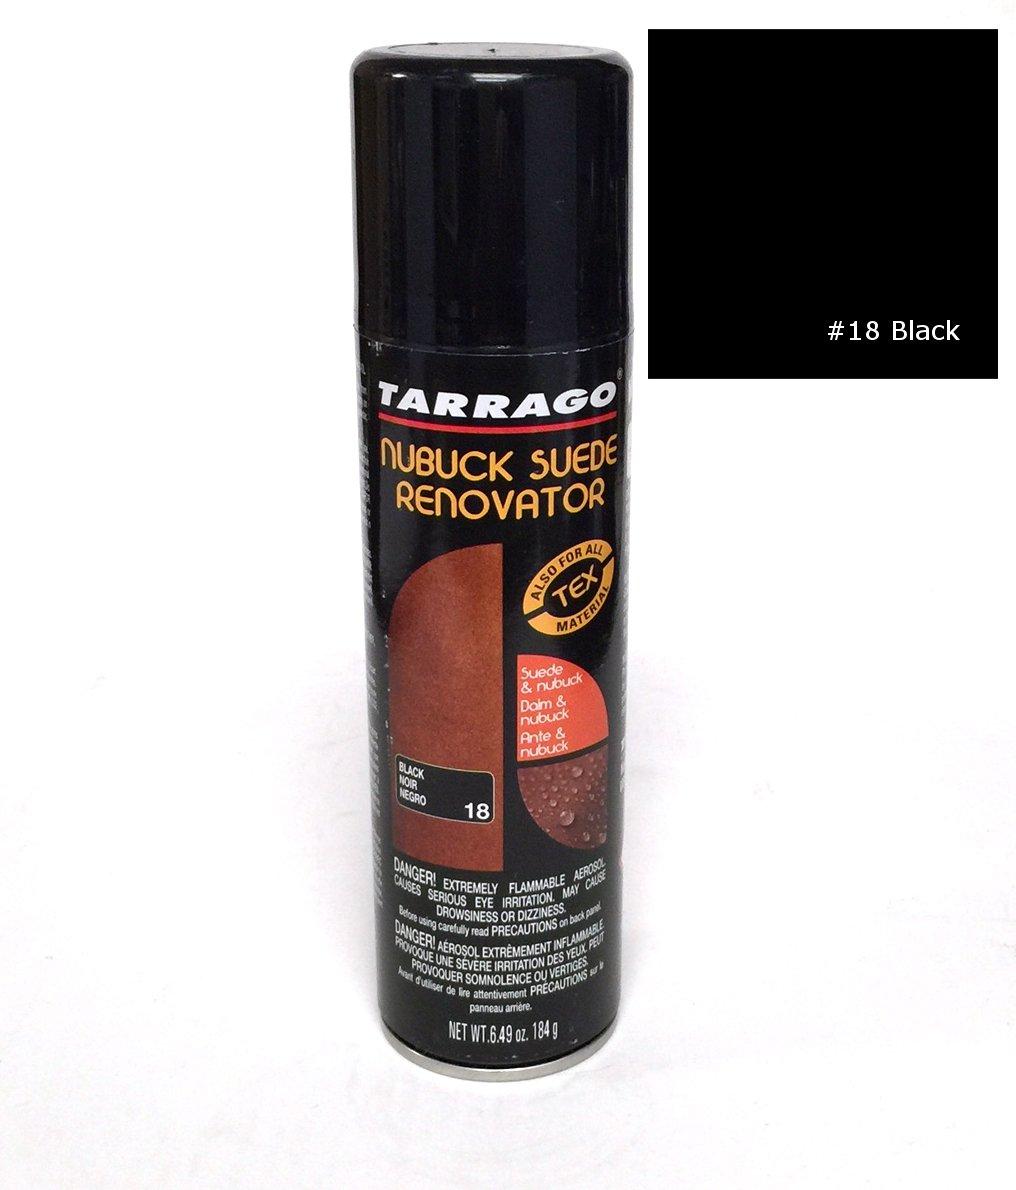 TARRAGO Suede & Nubuck Re Color Dye Nourishing Spray Can 8.45 oz (250 ml), Black